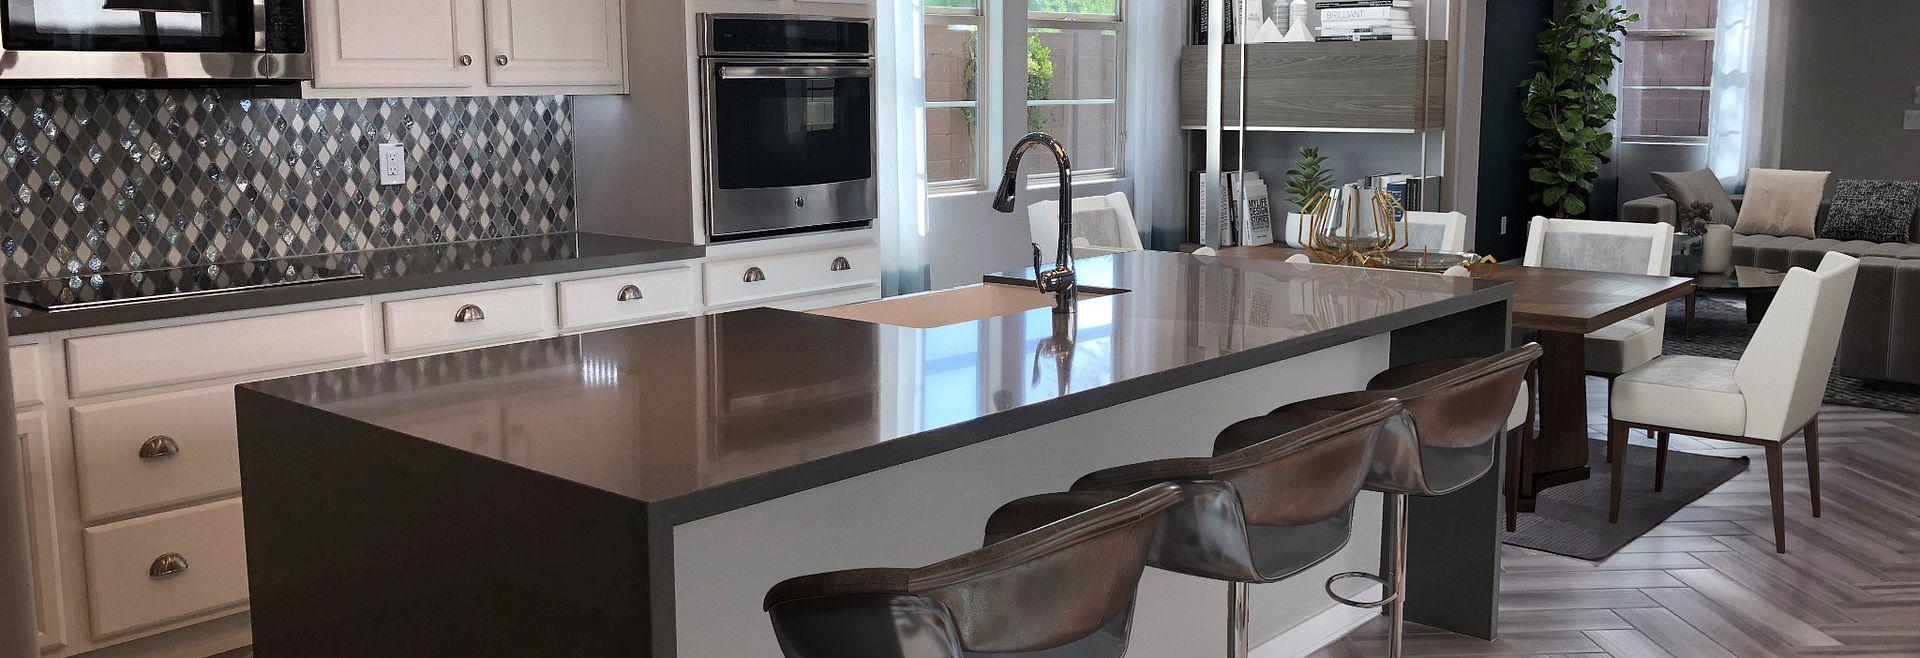 24 North Homesite 20 Kitchen